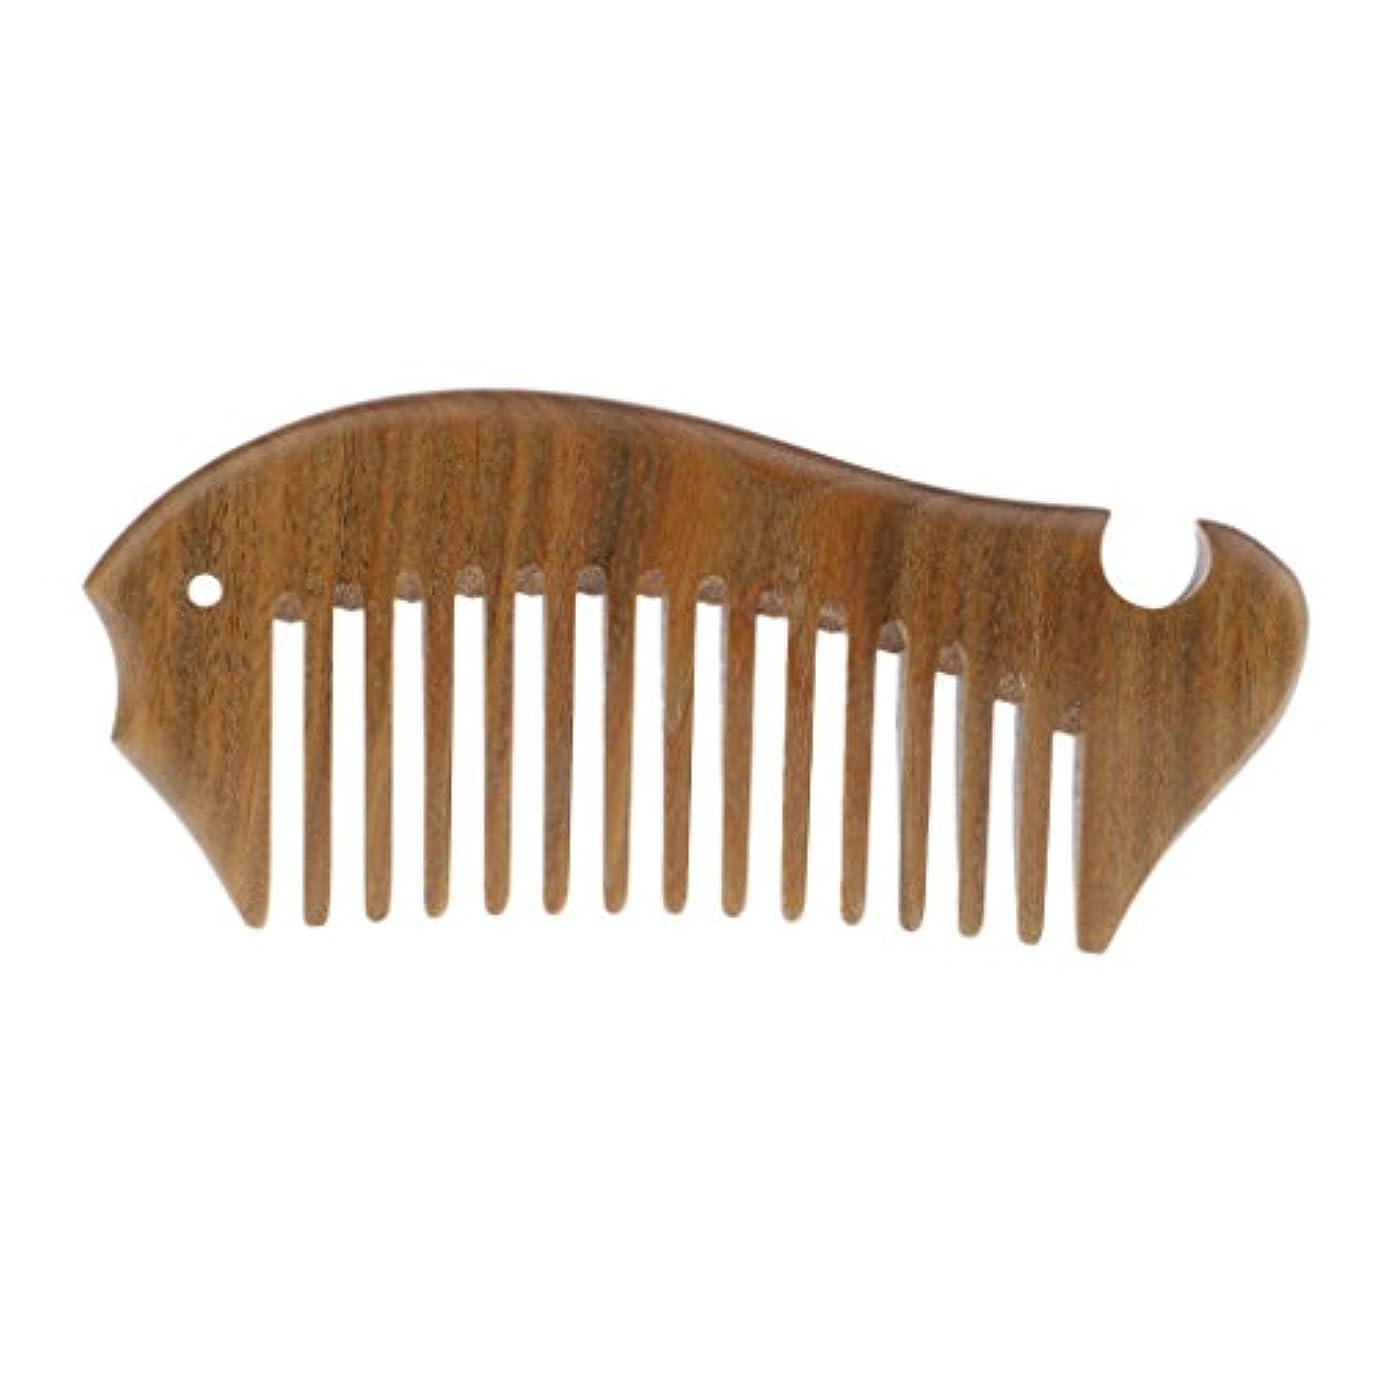 物理的に悪性の彫刻家gazechimp 木製櫛 帯電防止櫛 ヘアコーム 頭皮 ケア マッサージ